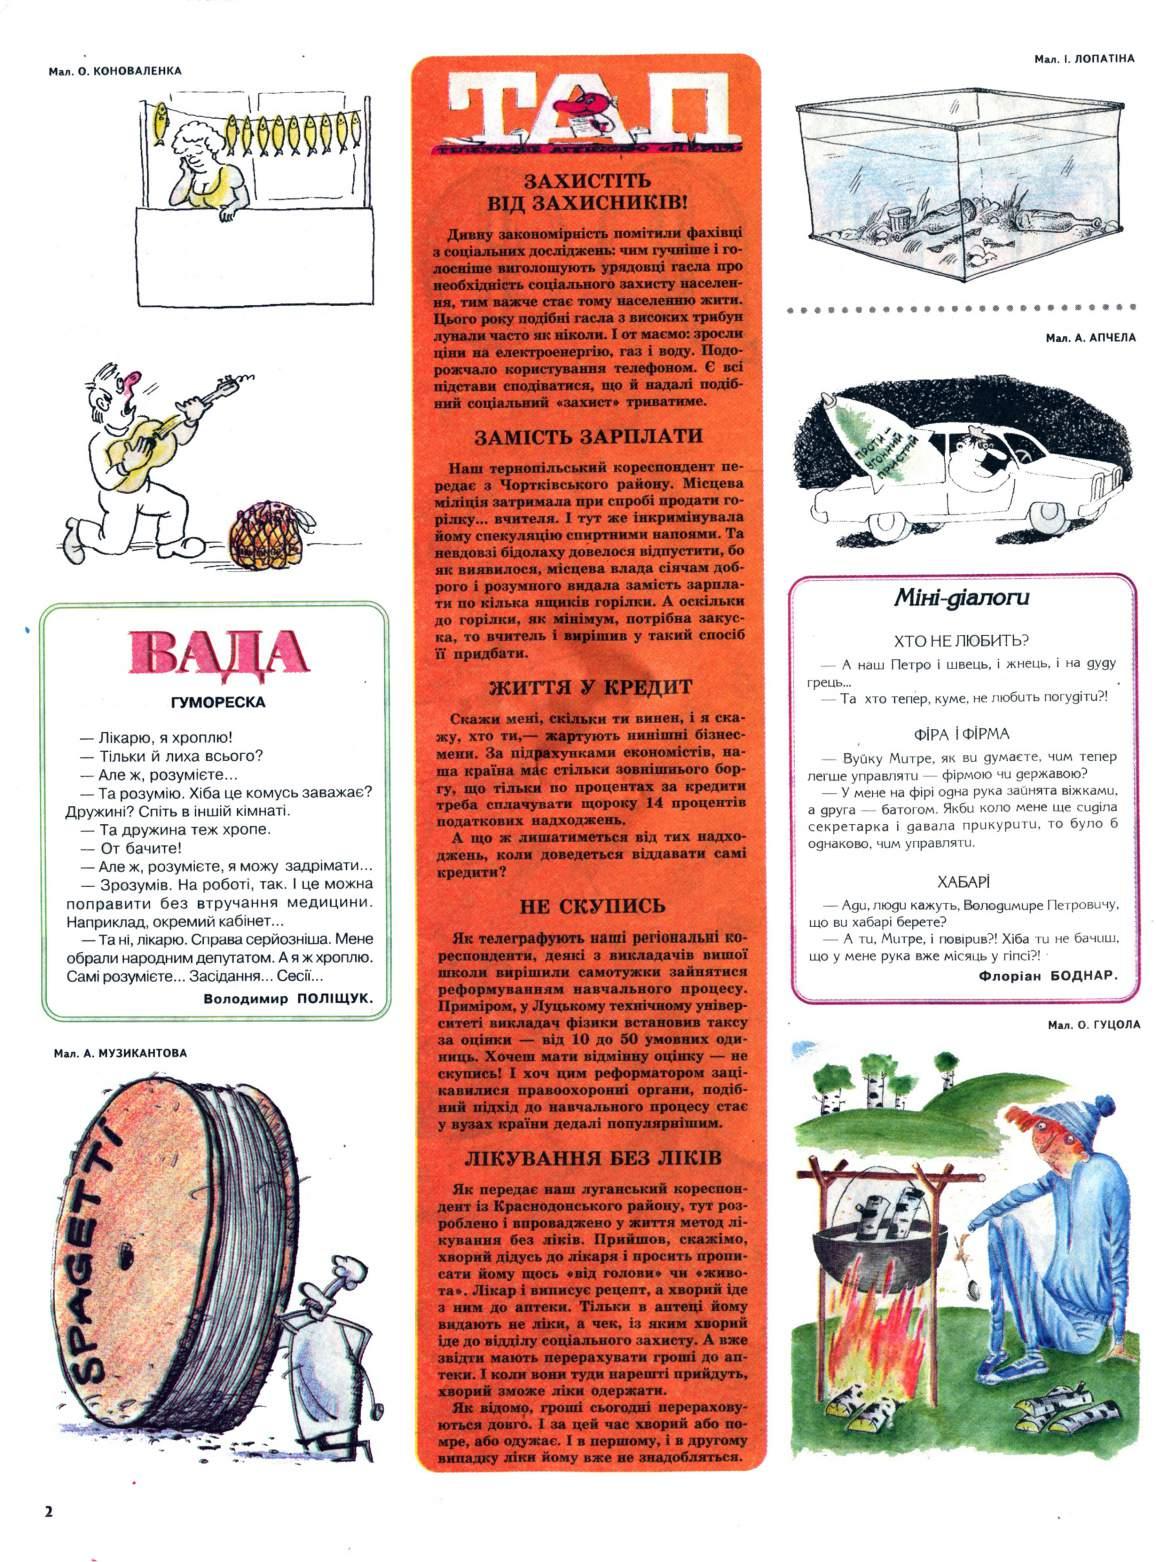 Журнал перець 1998 №06